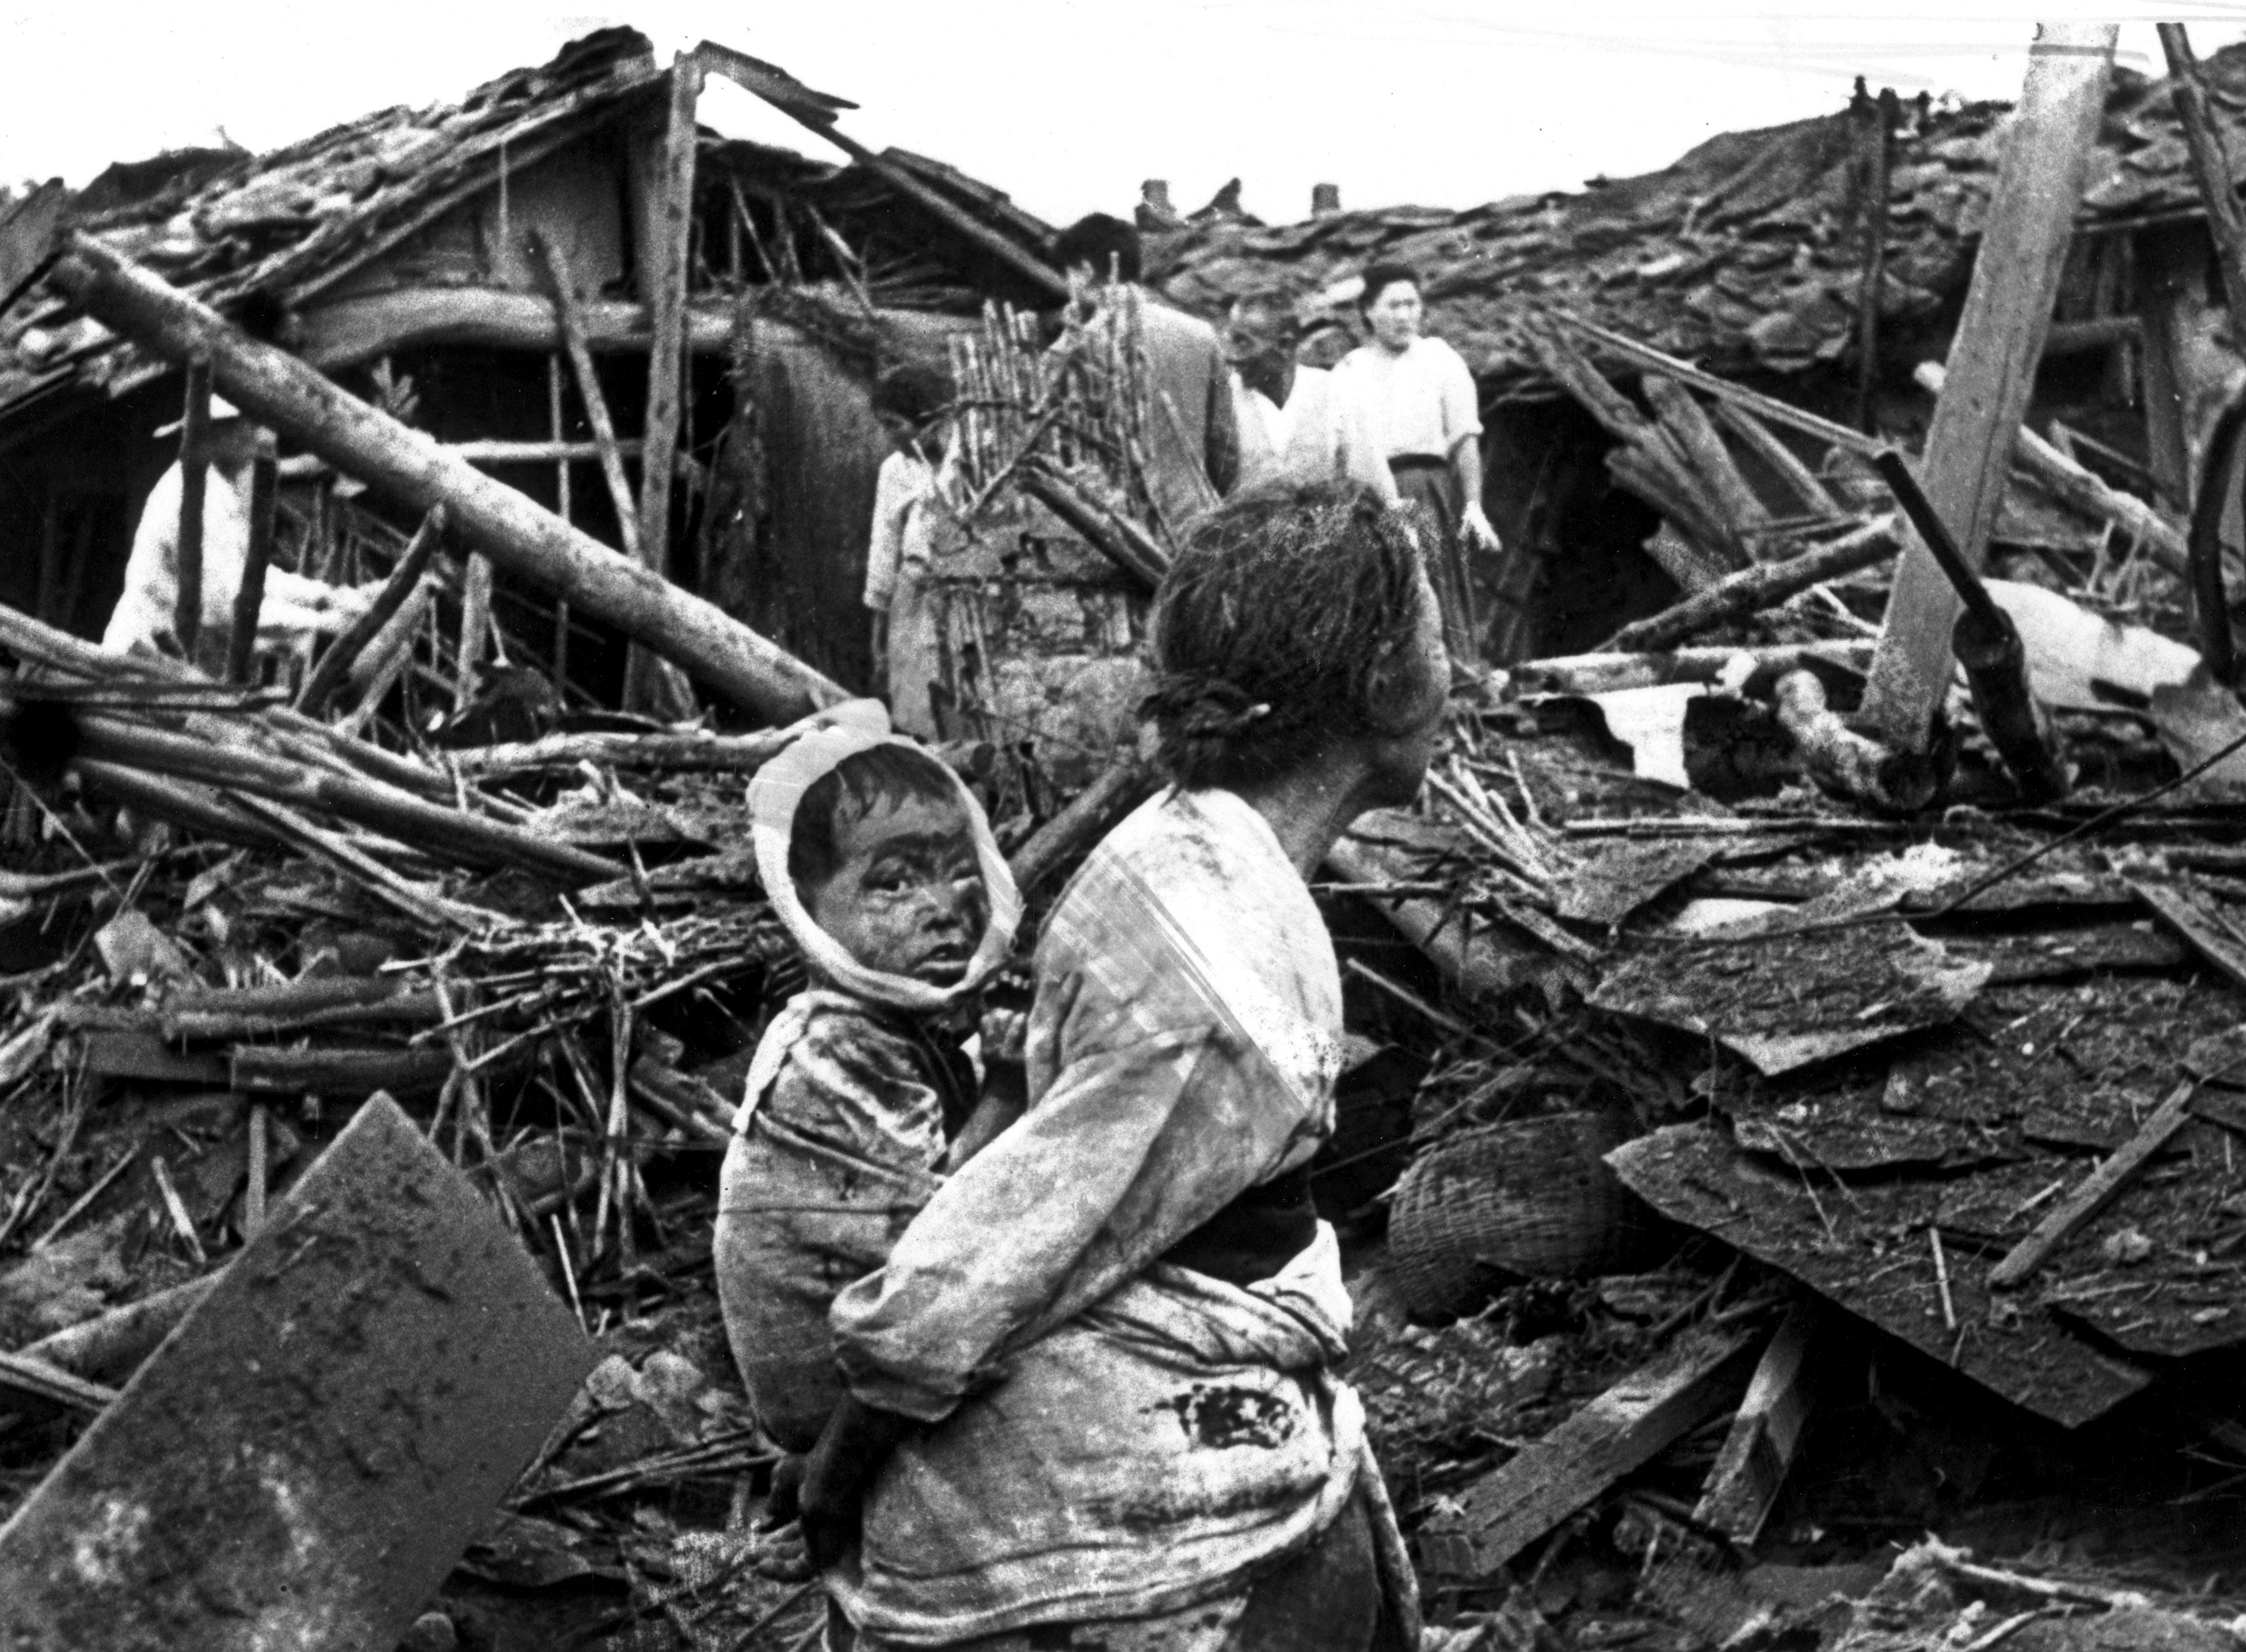 www.jacobinmag.com: How Korea Became a Forgotten War